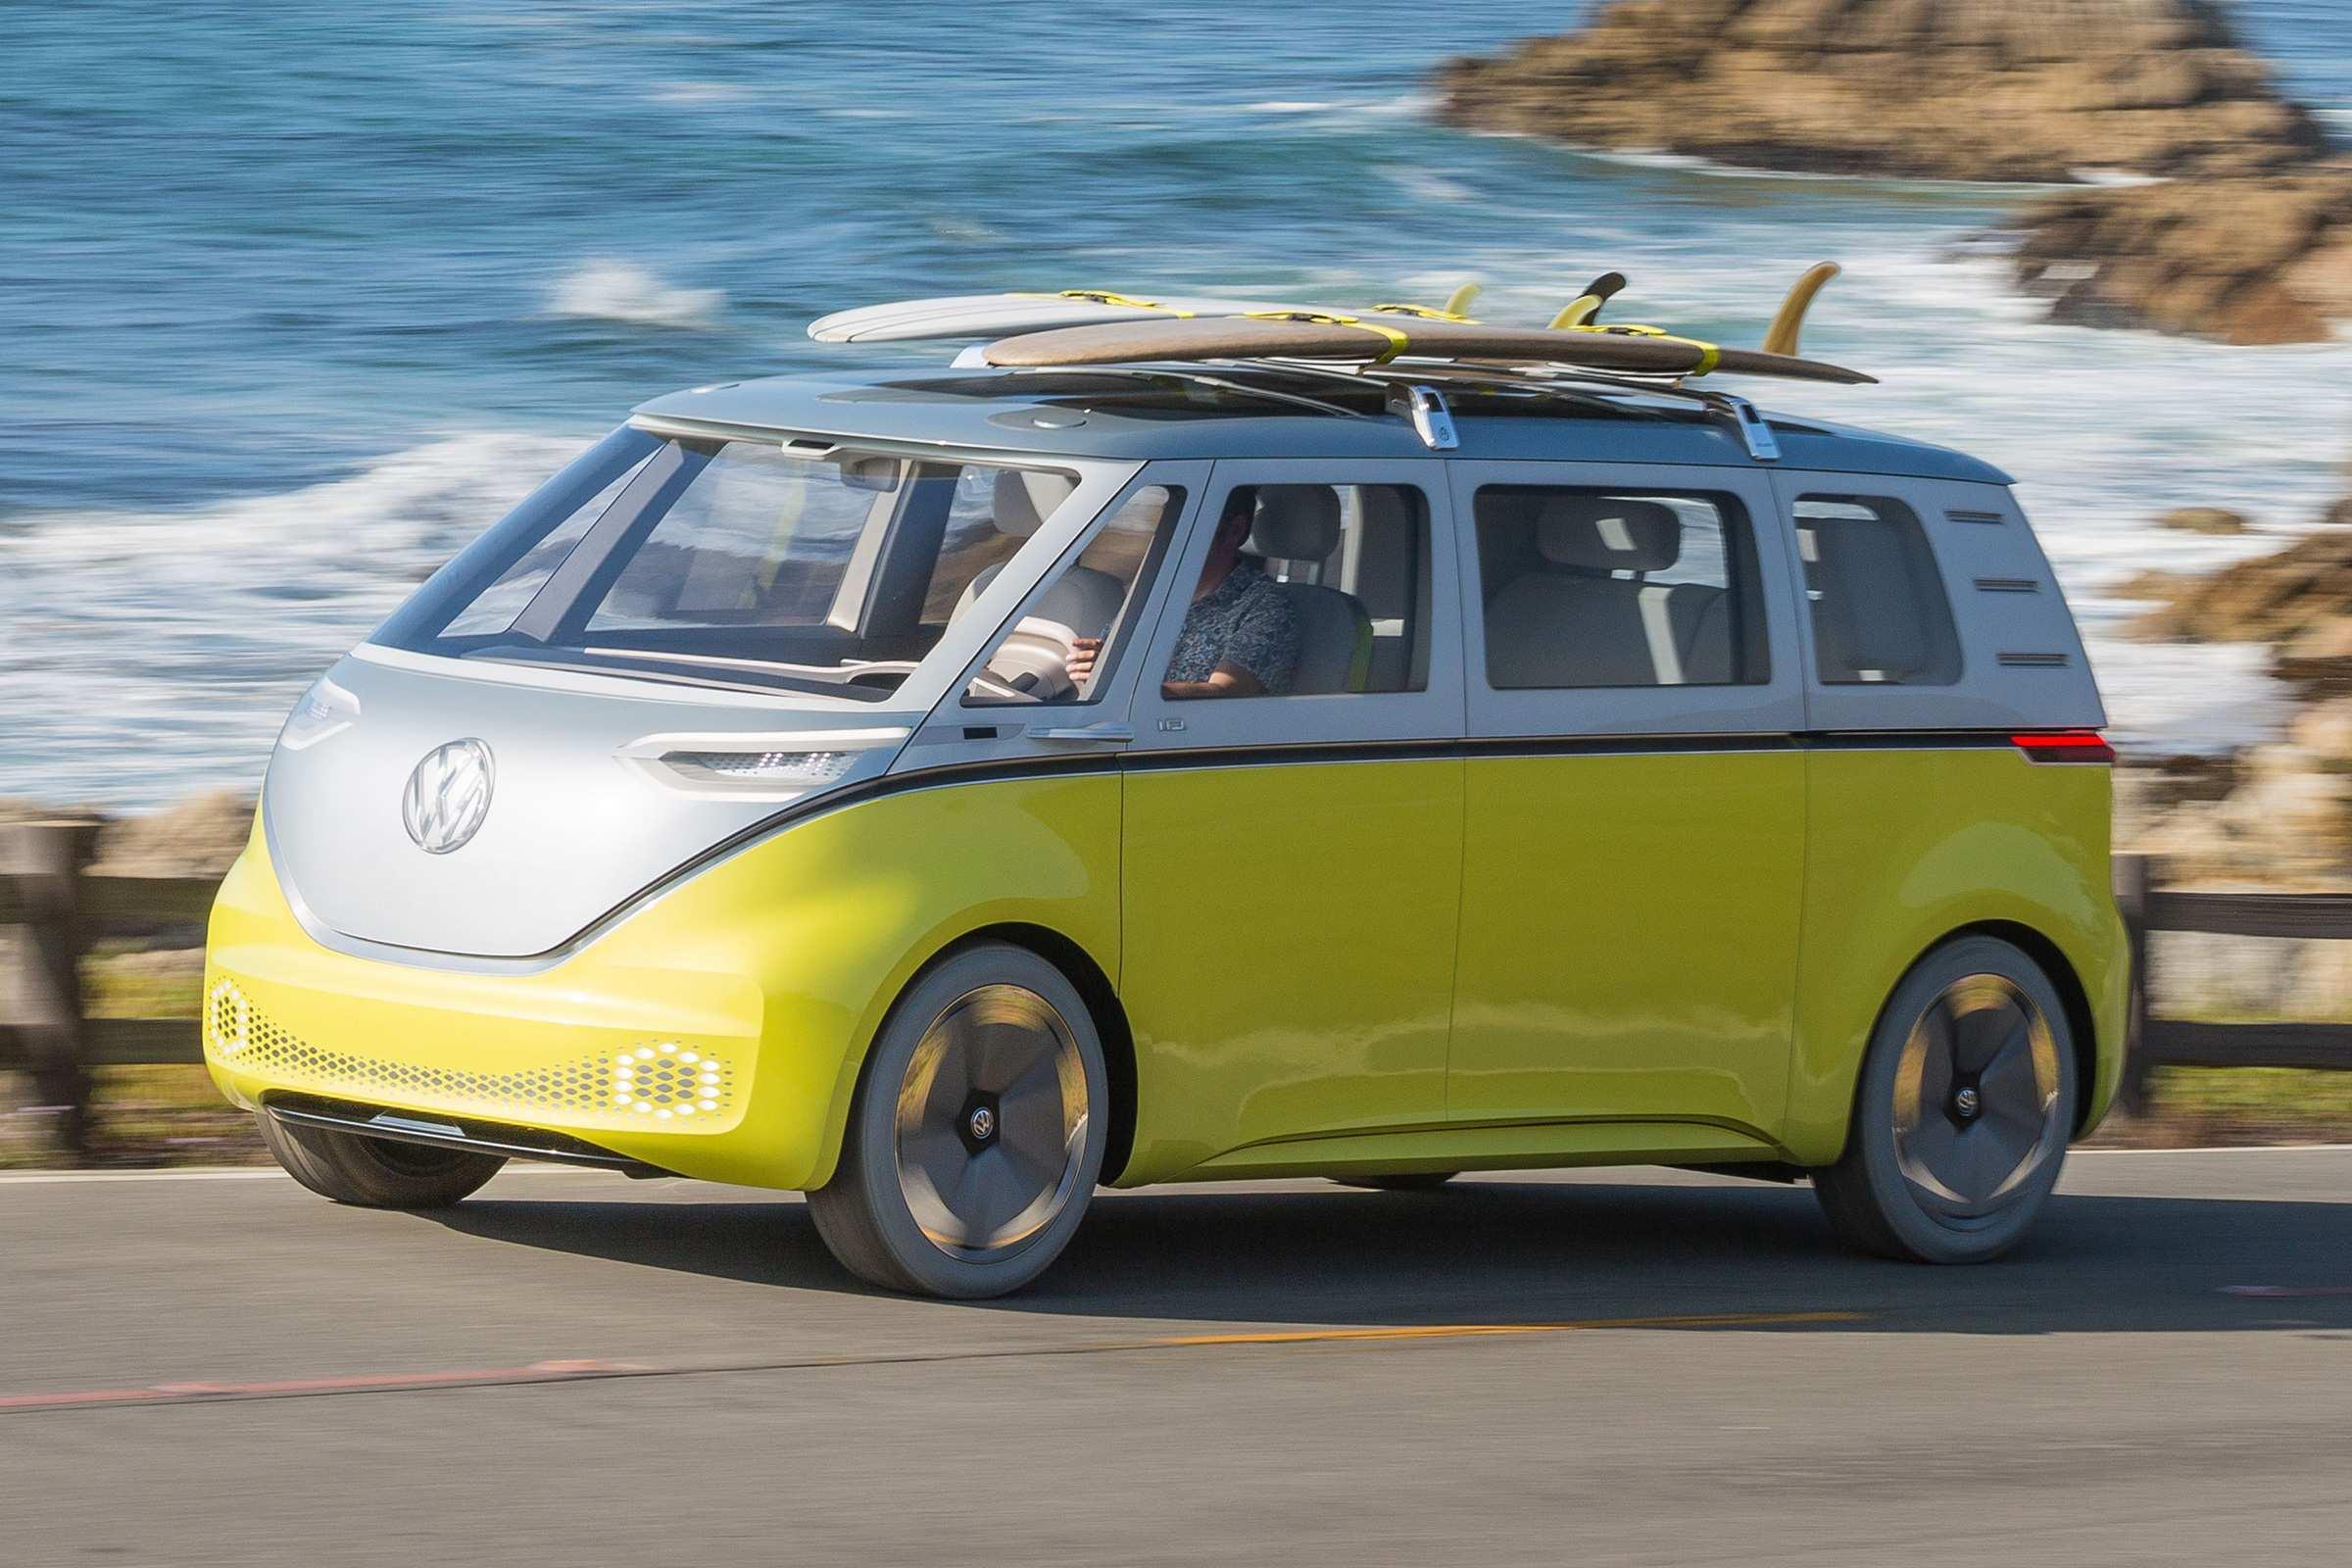 96 The Volkswagen Van 2020 Price Reviews by Volkswagen Van 2020 Price